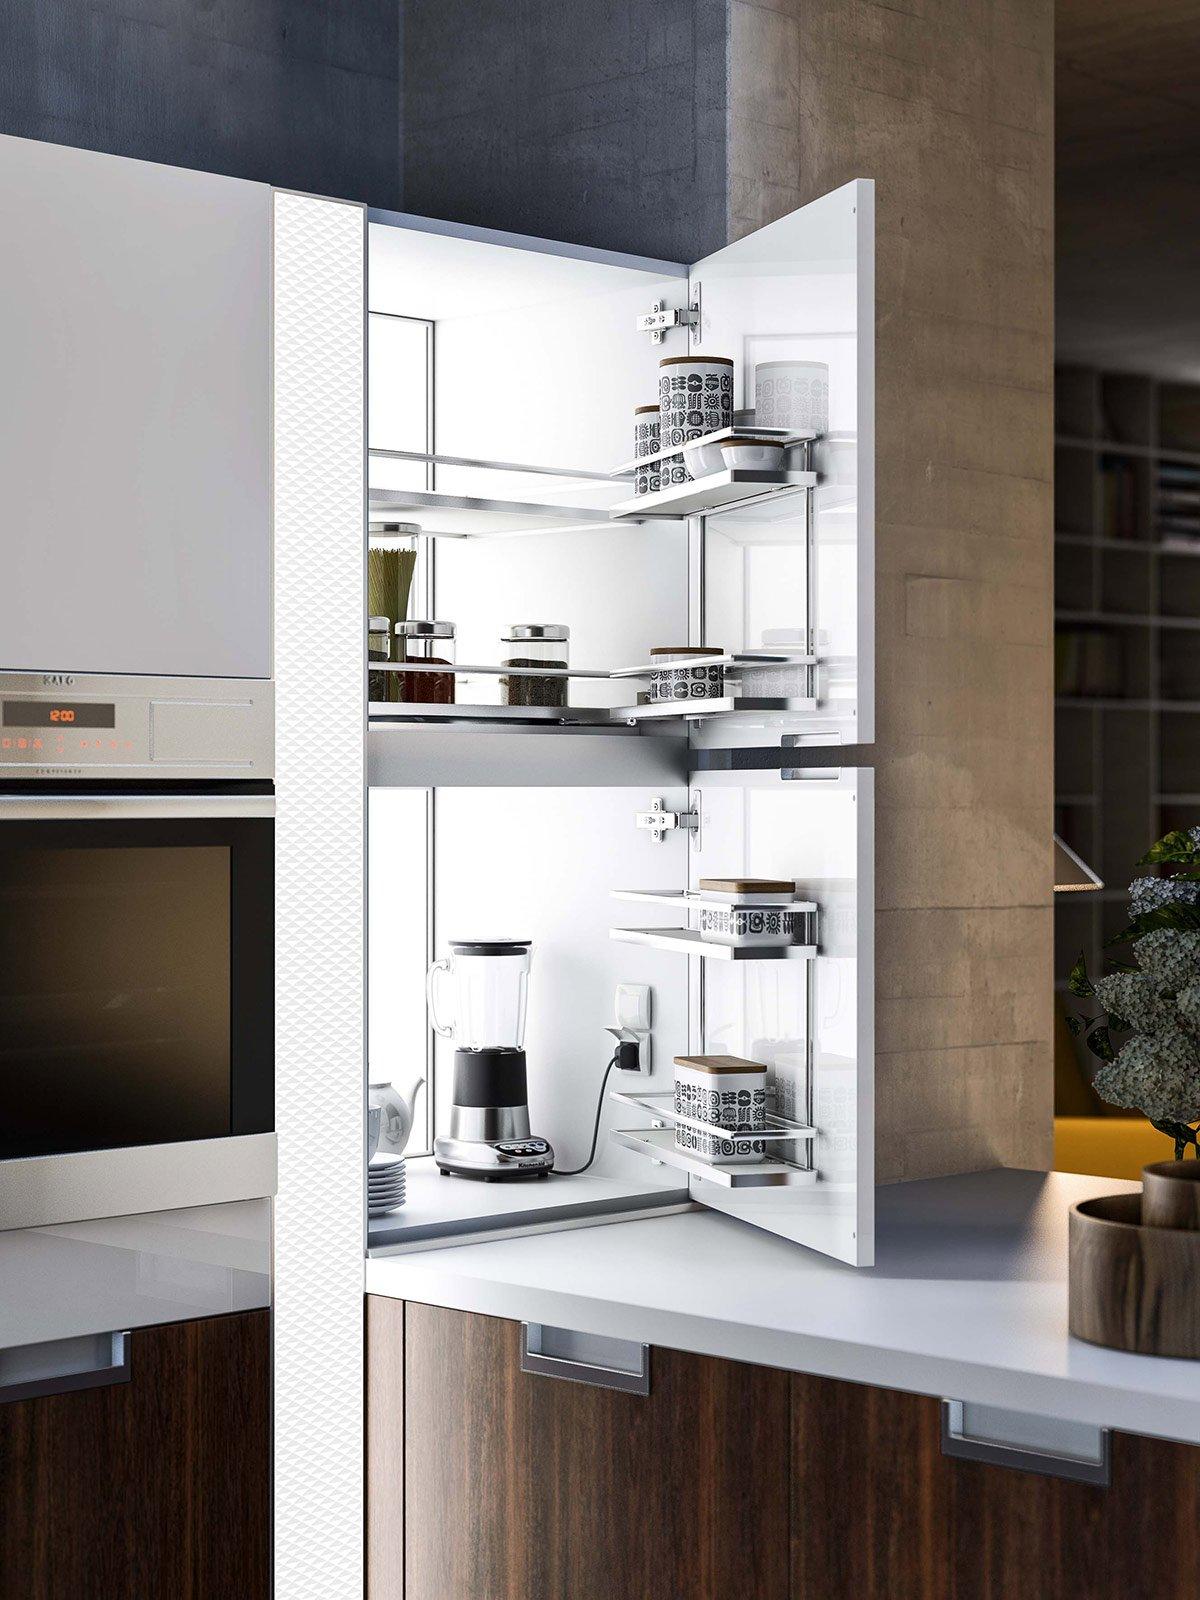 Cucina le soluzioni per l angolo cose di casa for Accessori pensili cucina